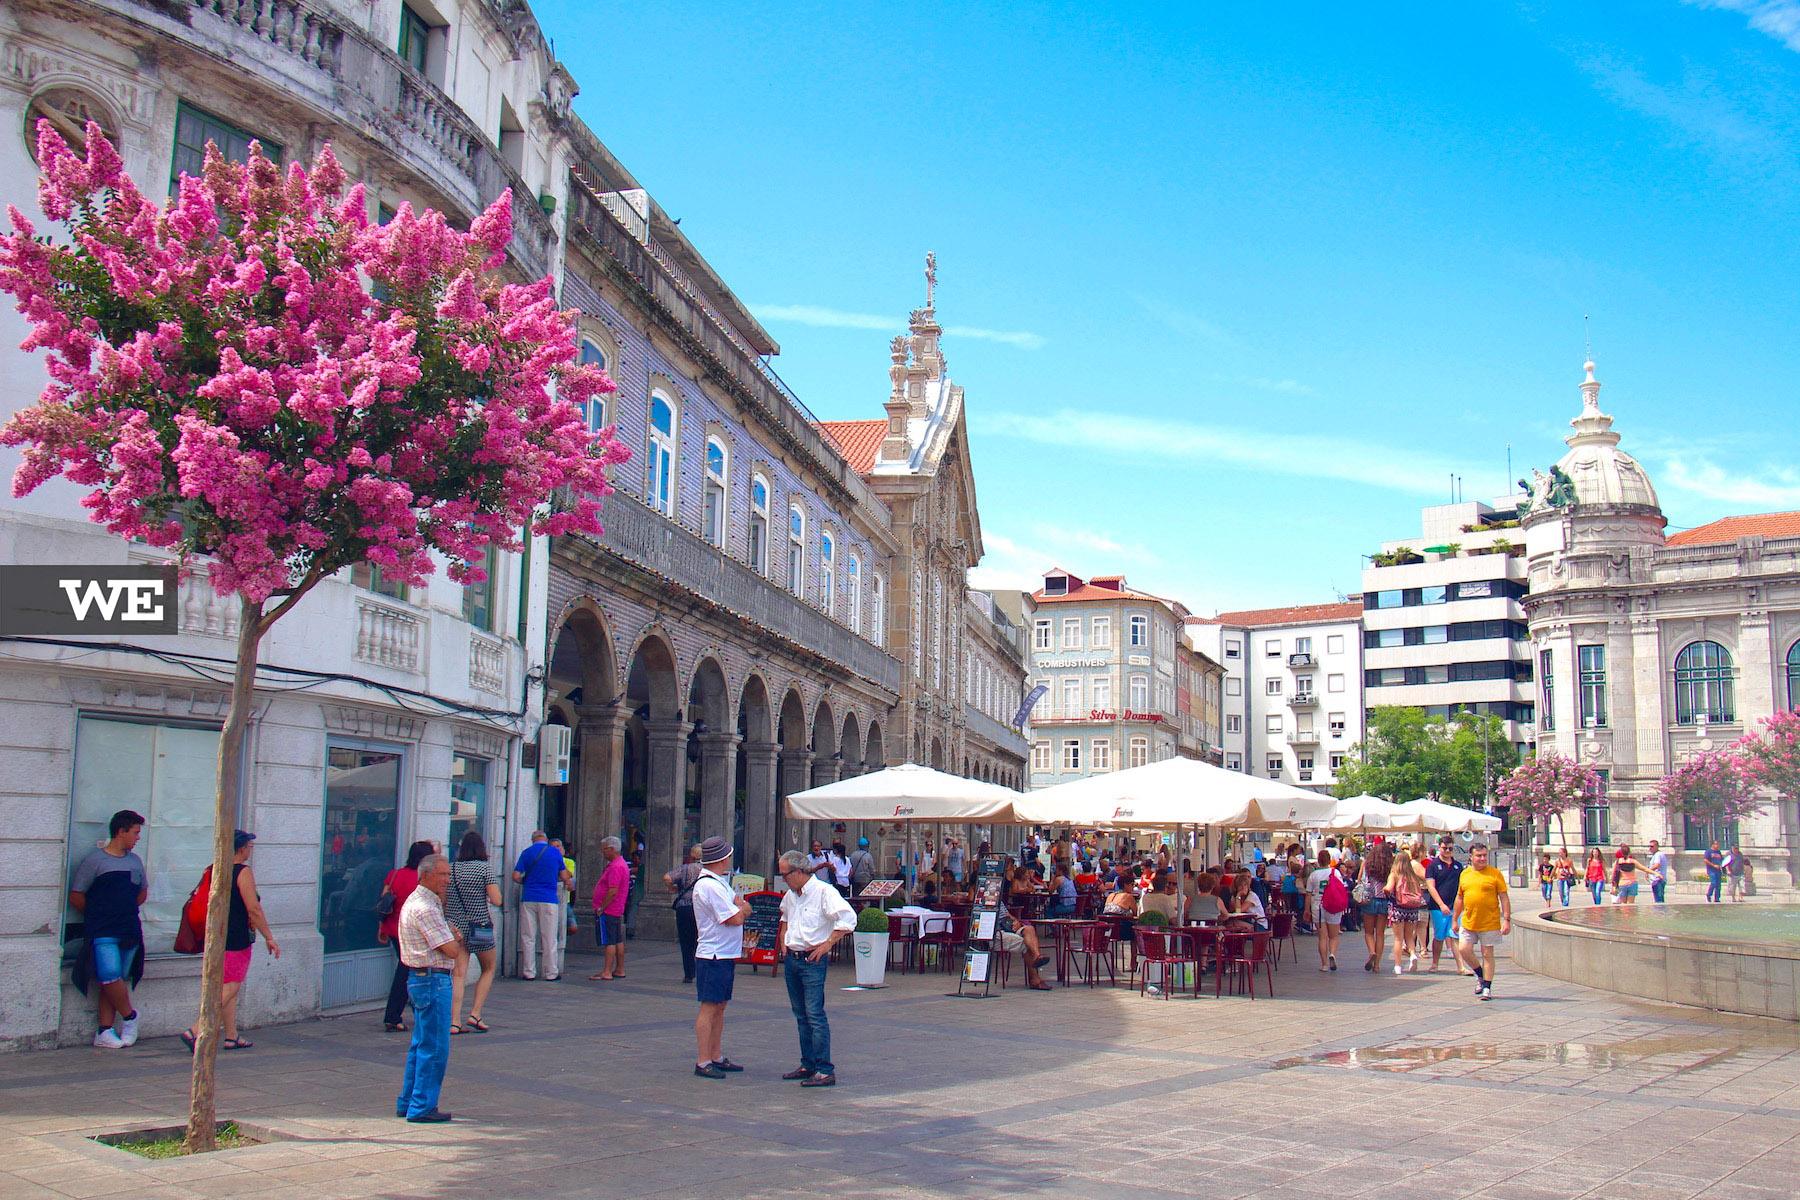 A Arcada de Braga, local de encontro da cidade.